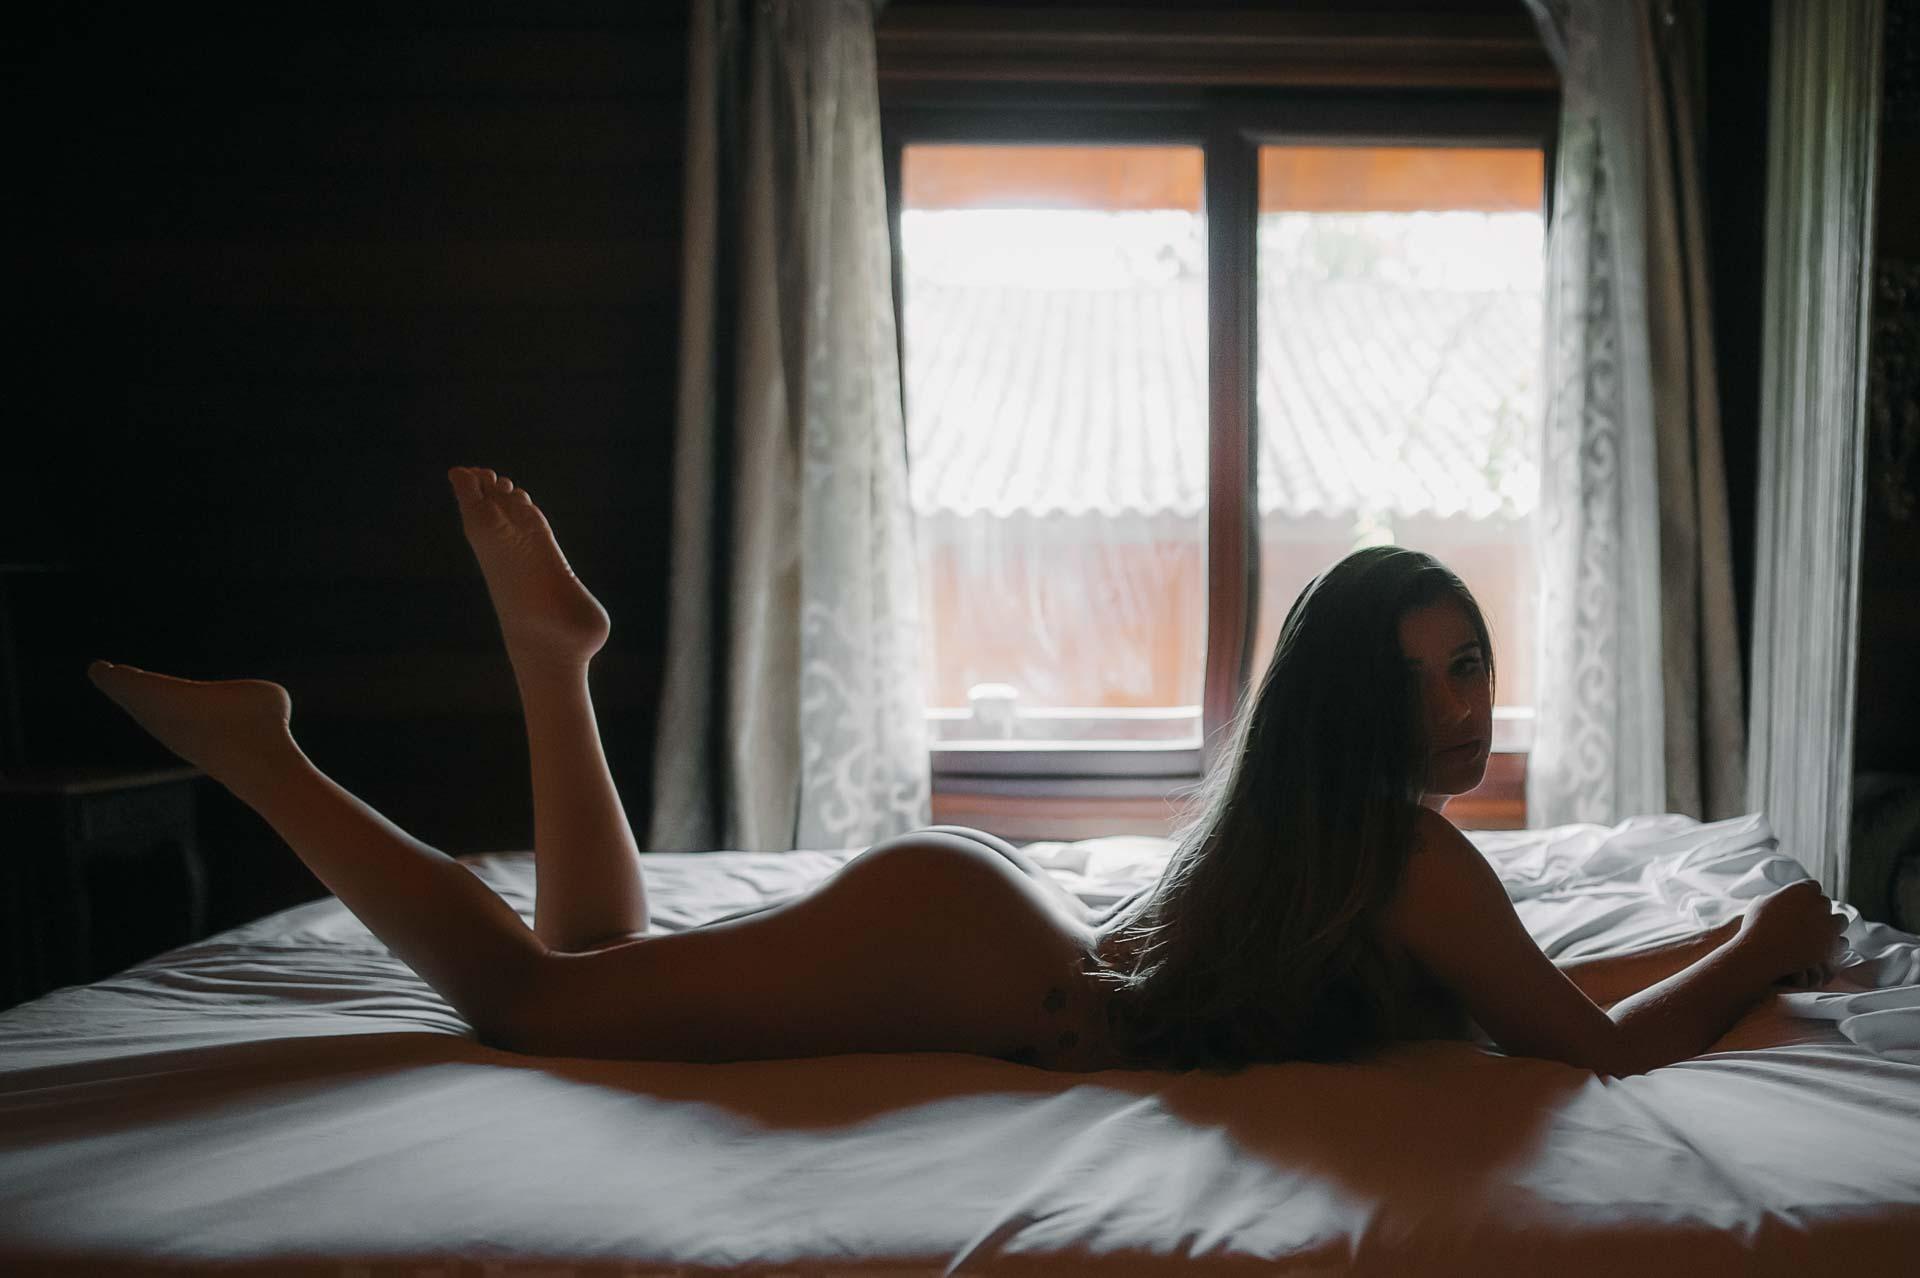 Fotos Boudoir - Book de fotos sensual sexy